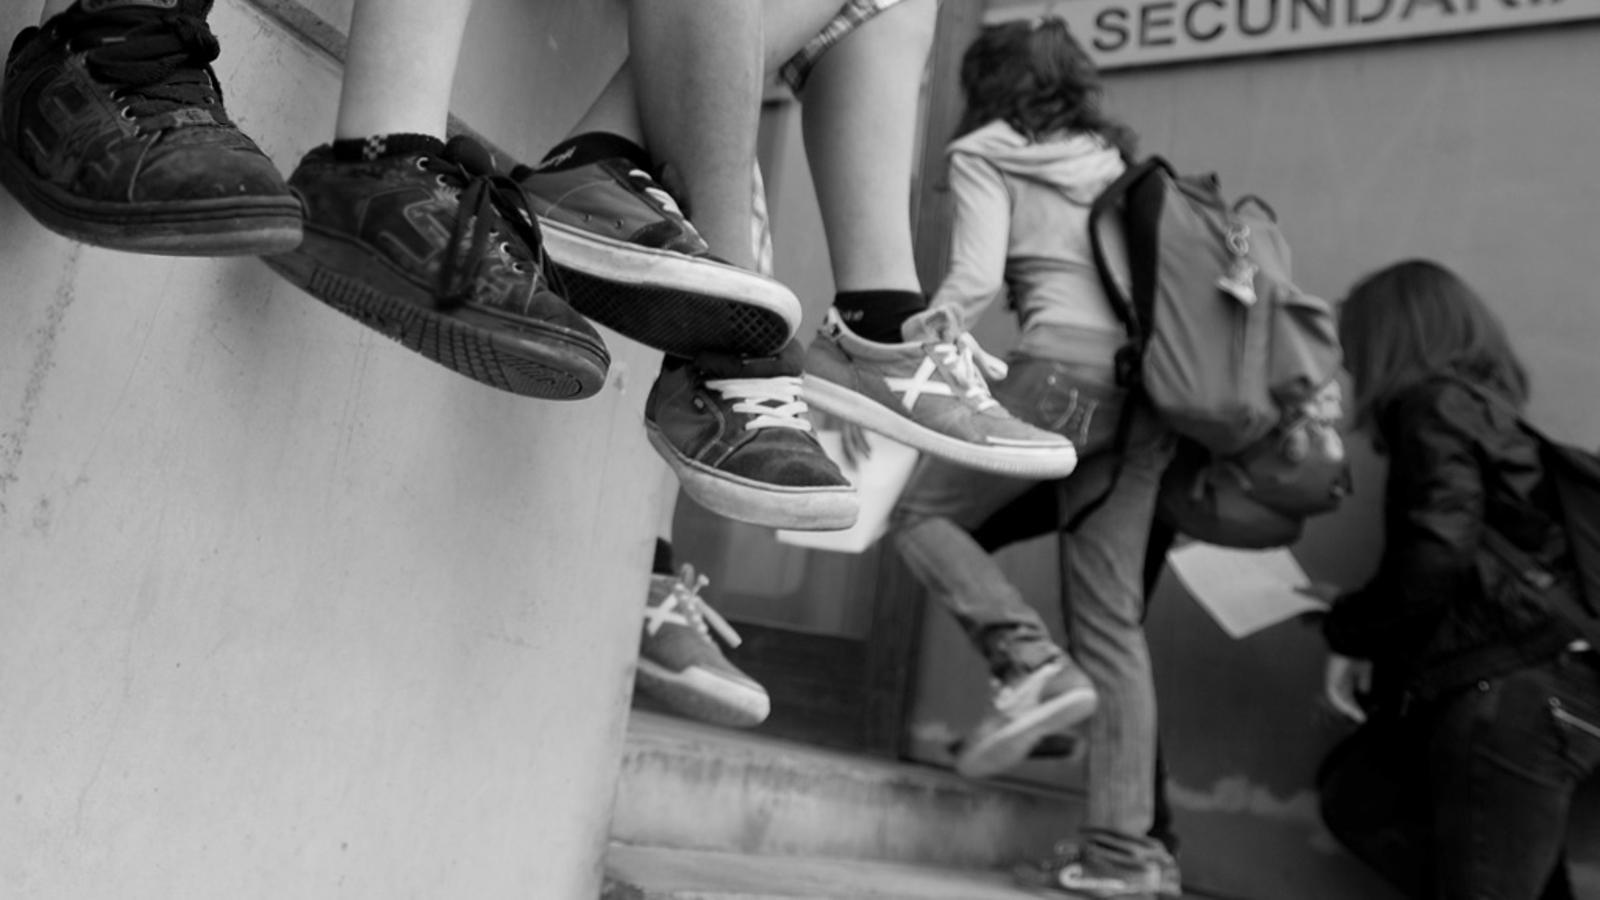 L'editorial d'Antoni Bassas: Un cas de violència subtil contra una noia explicada a un pare